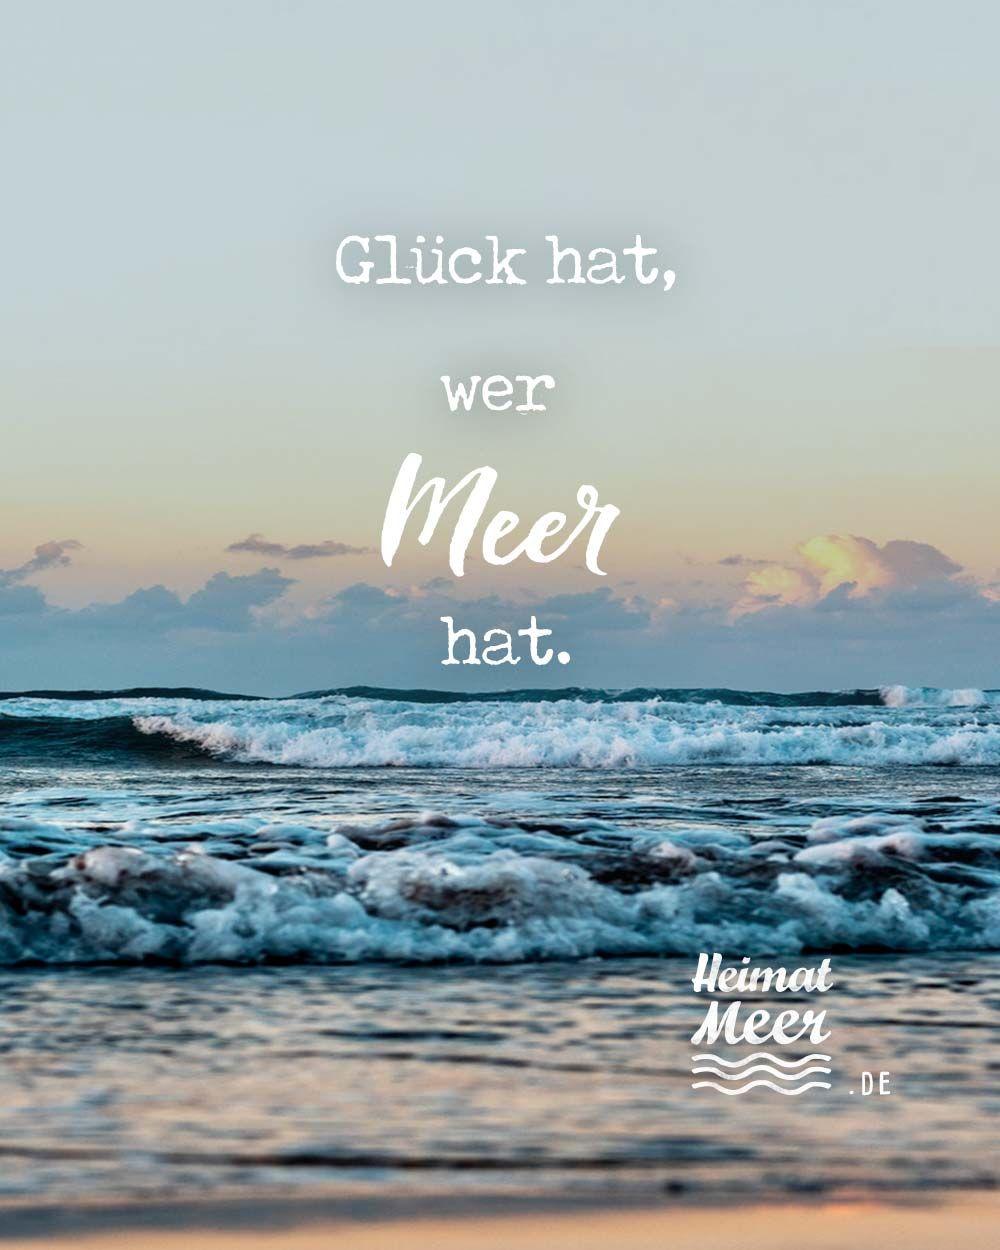 Gluck Hat Wer Meer Hat Mehr Vom Meer Spruche Urlaub Spruche Gluck Strand Spruche